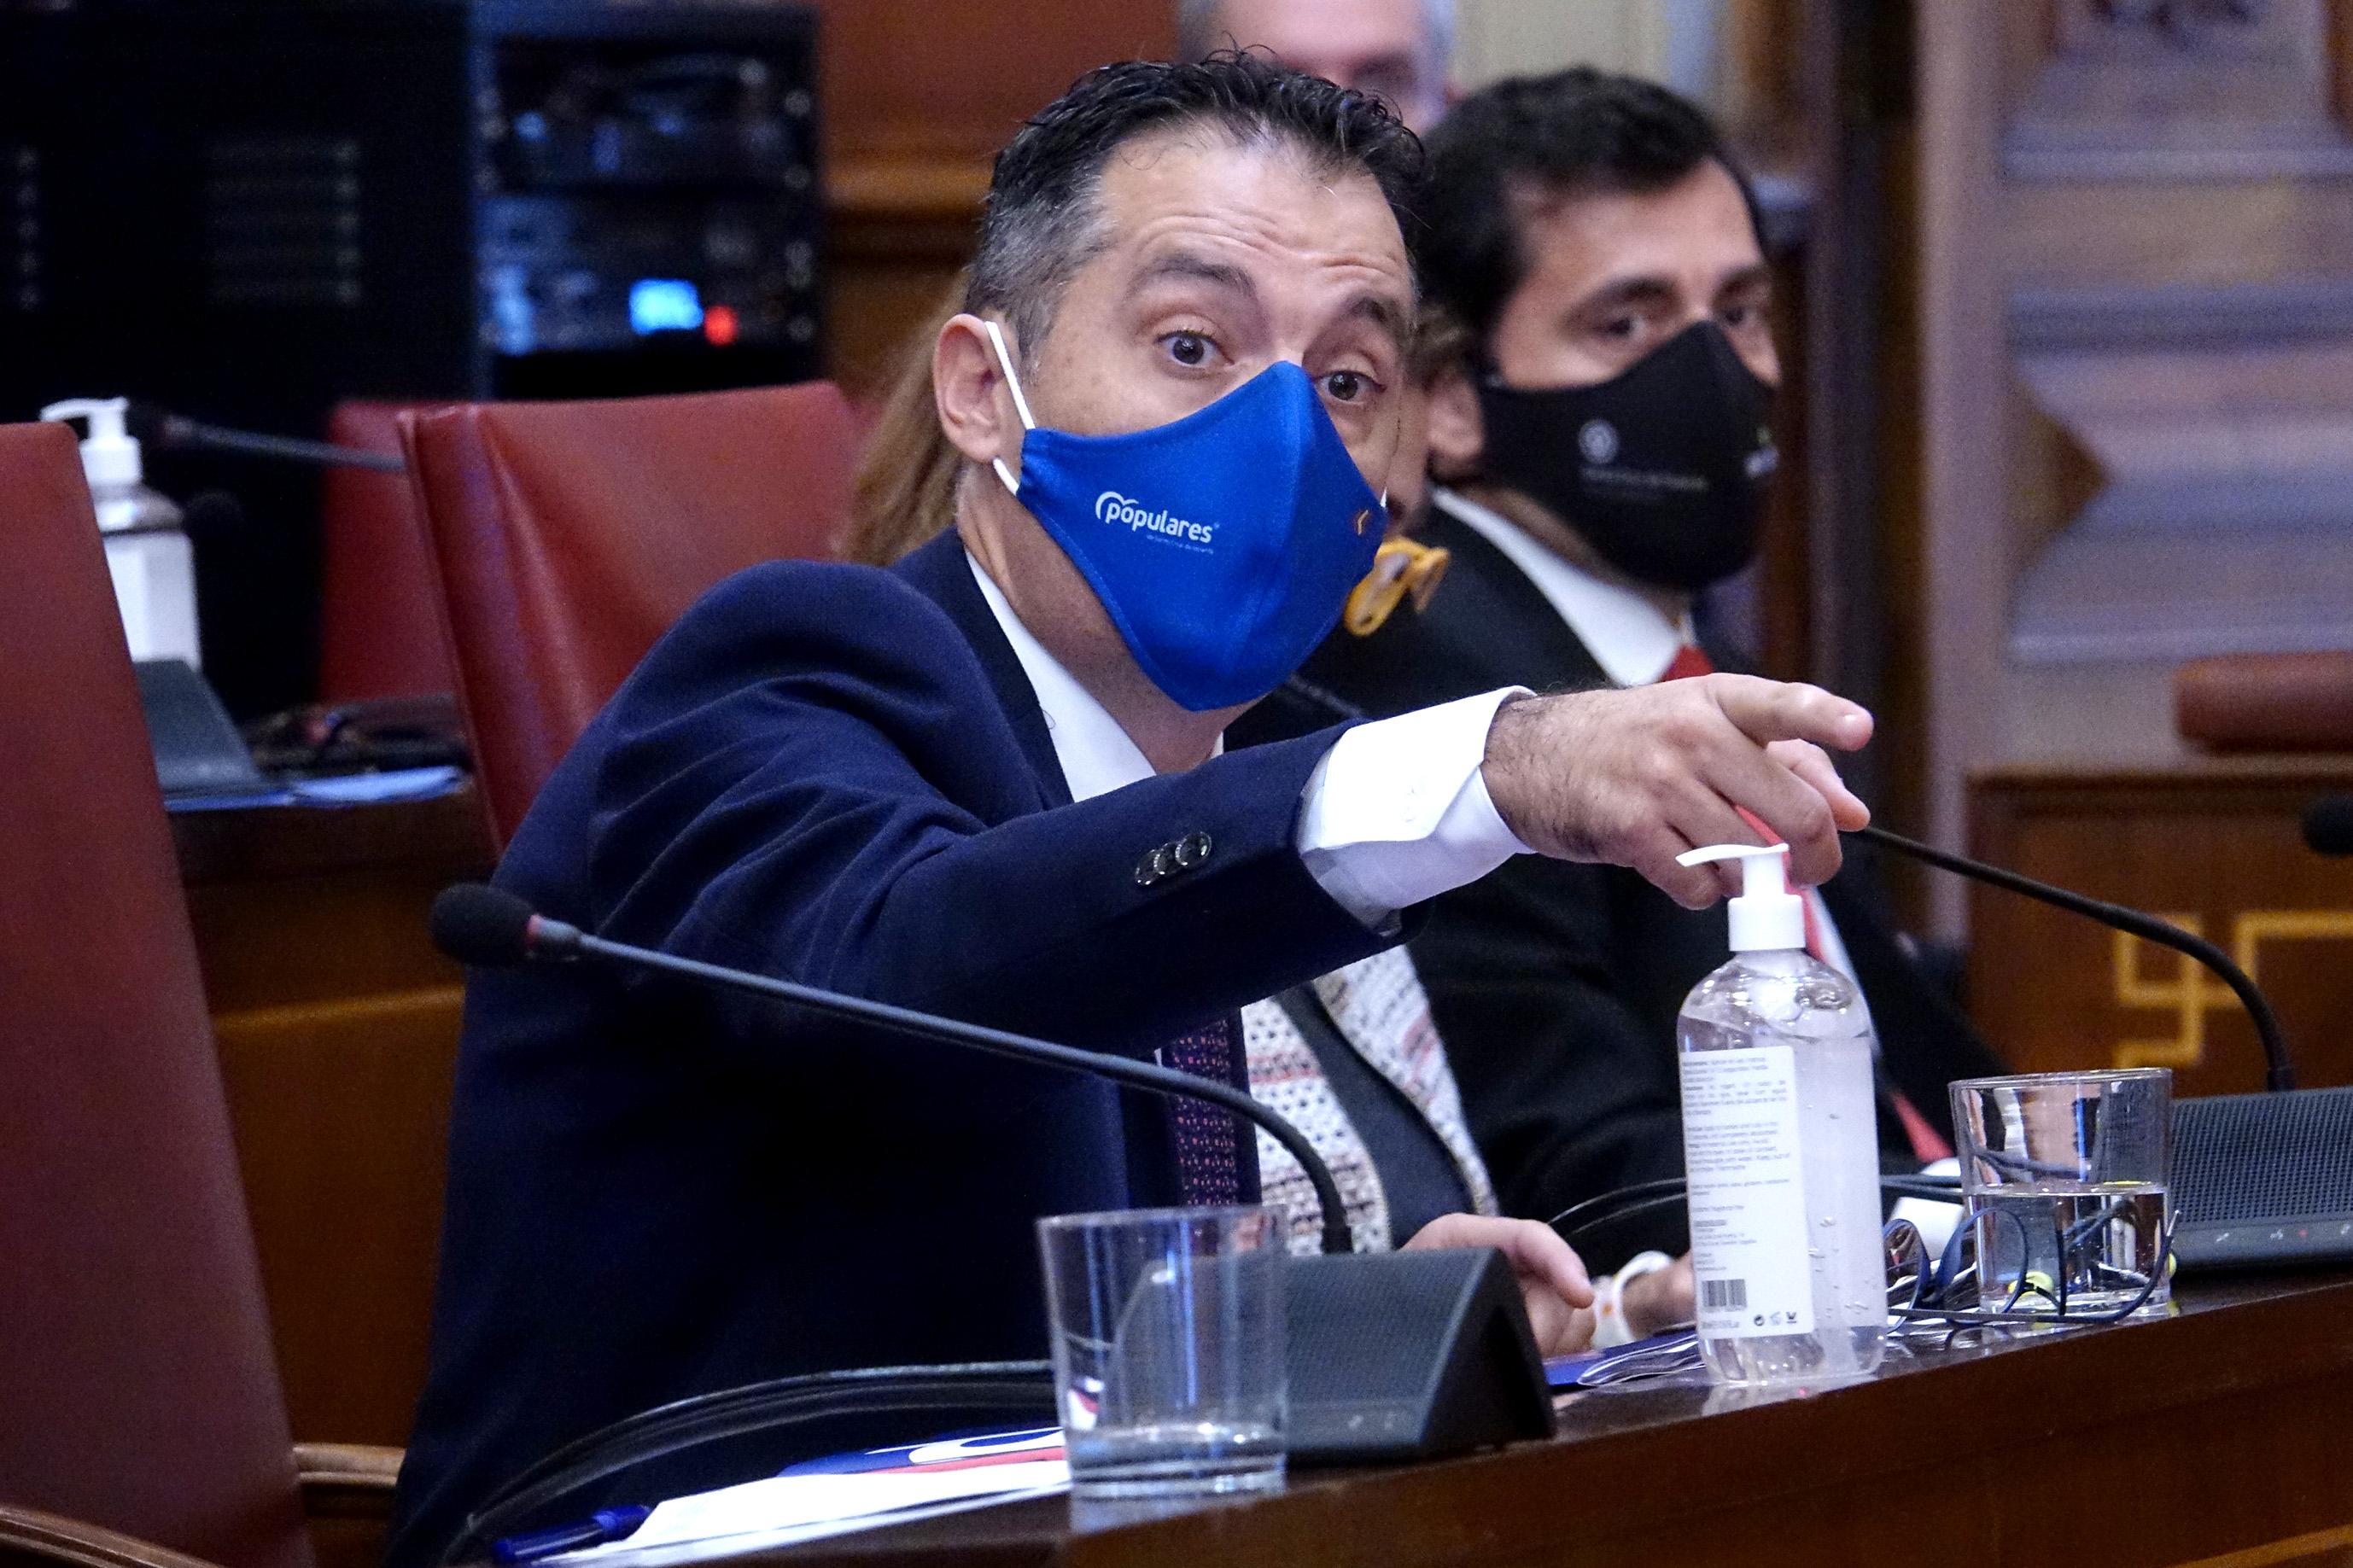 Carlos Tarife, concejal de Urbanismo del Ayuntamiento de Santa Cruz de Tenerife / CanariasNoticias.es